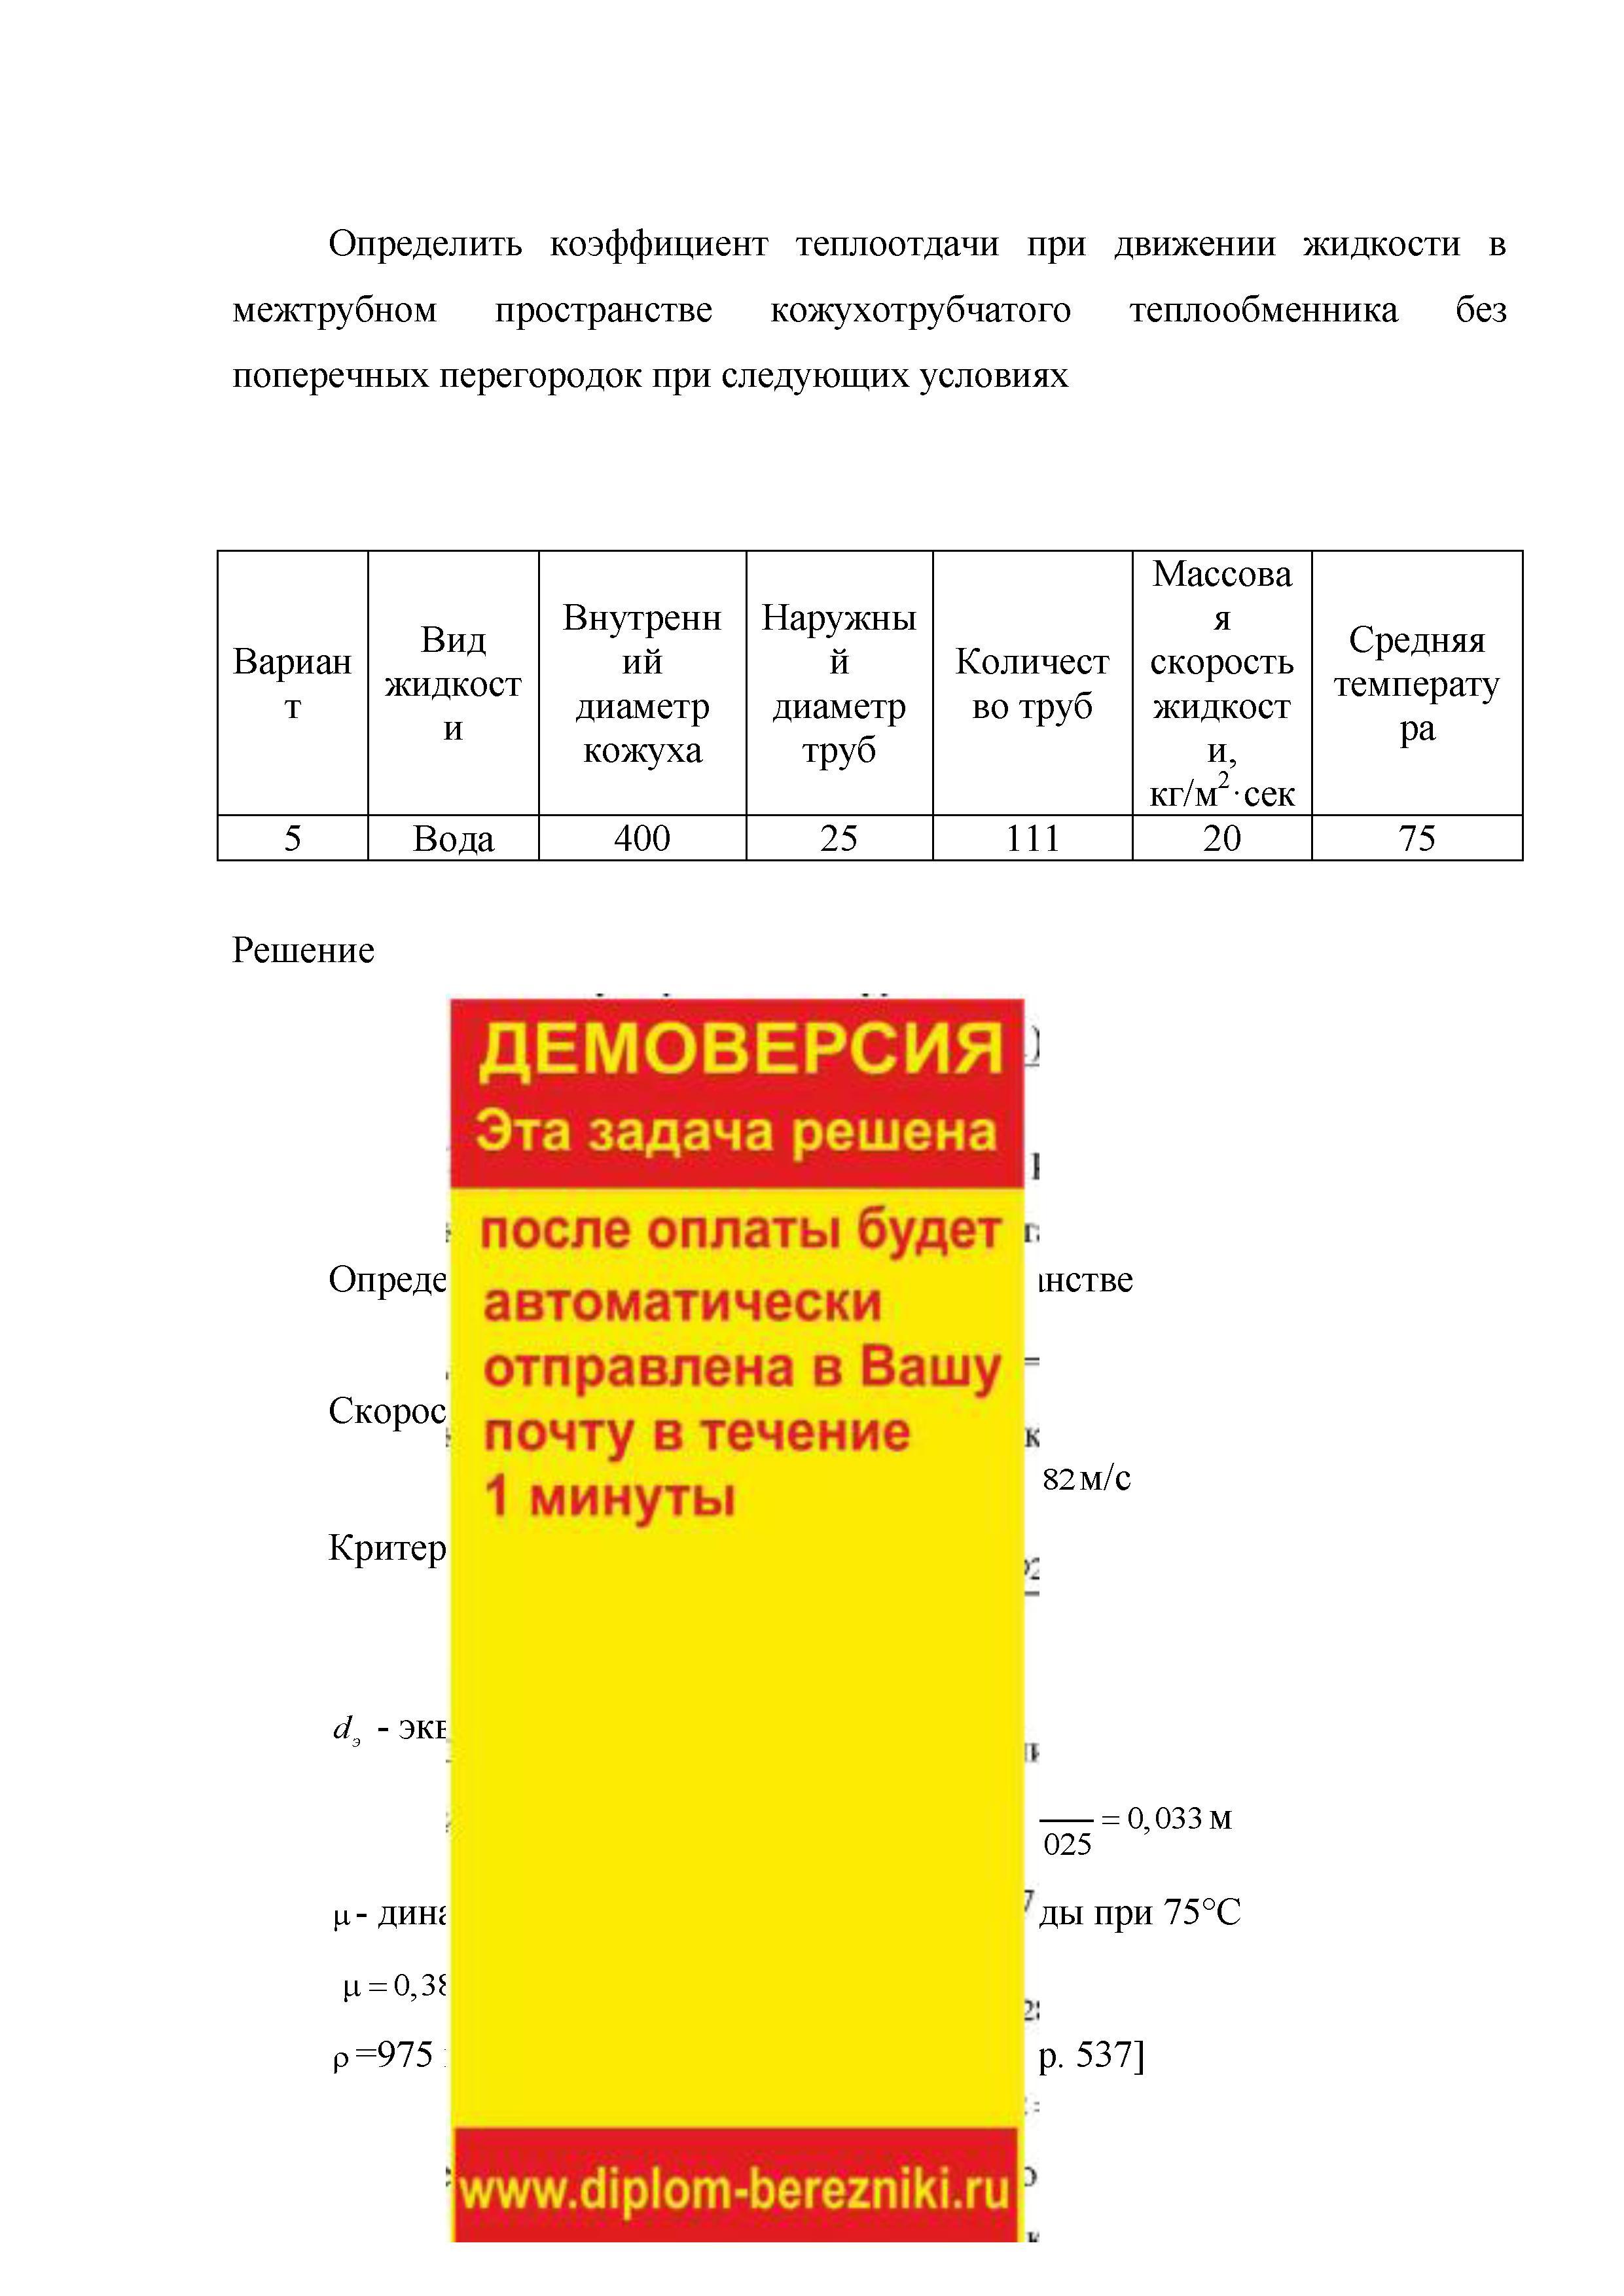 Диплом теплообменника Пластинчатый теплообменник Tranter GL-013 PI Улан-Удэ